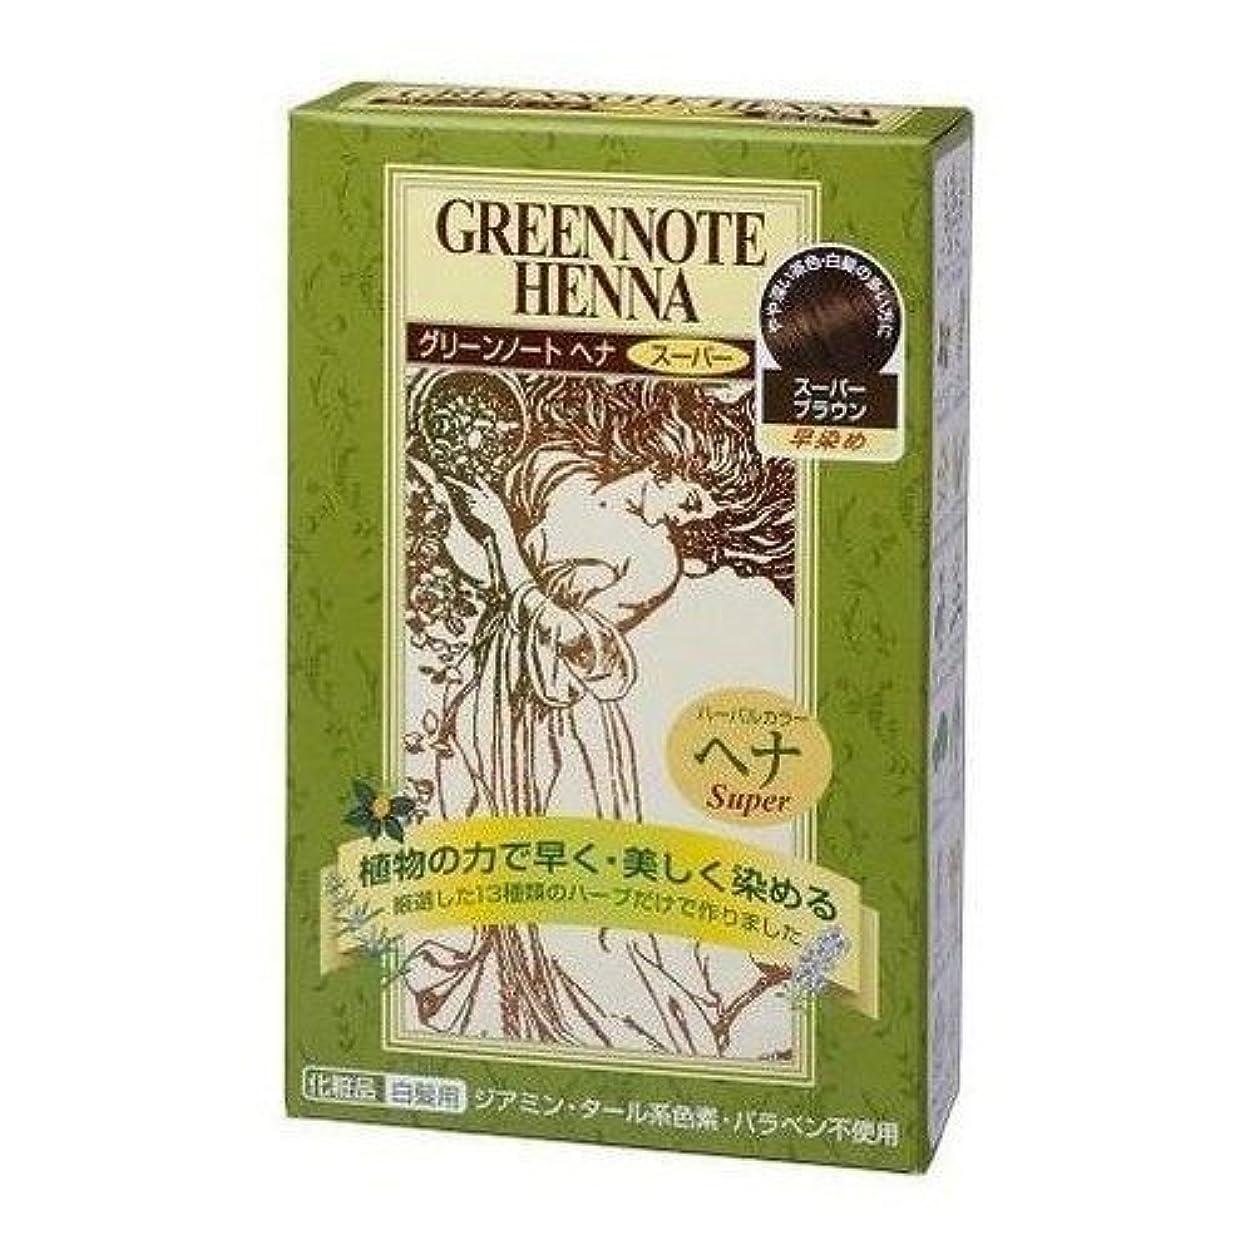 反乱感染する冷淡なグリーンノート ヘナスーパー スーパーブラウン 100g